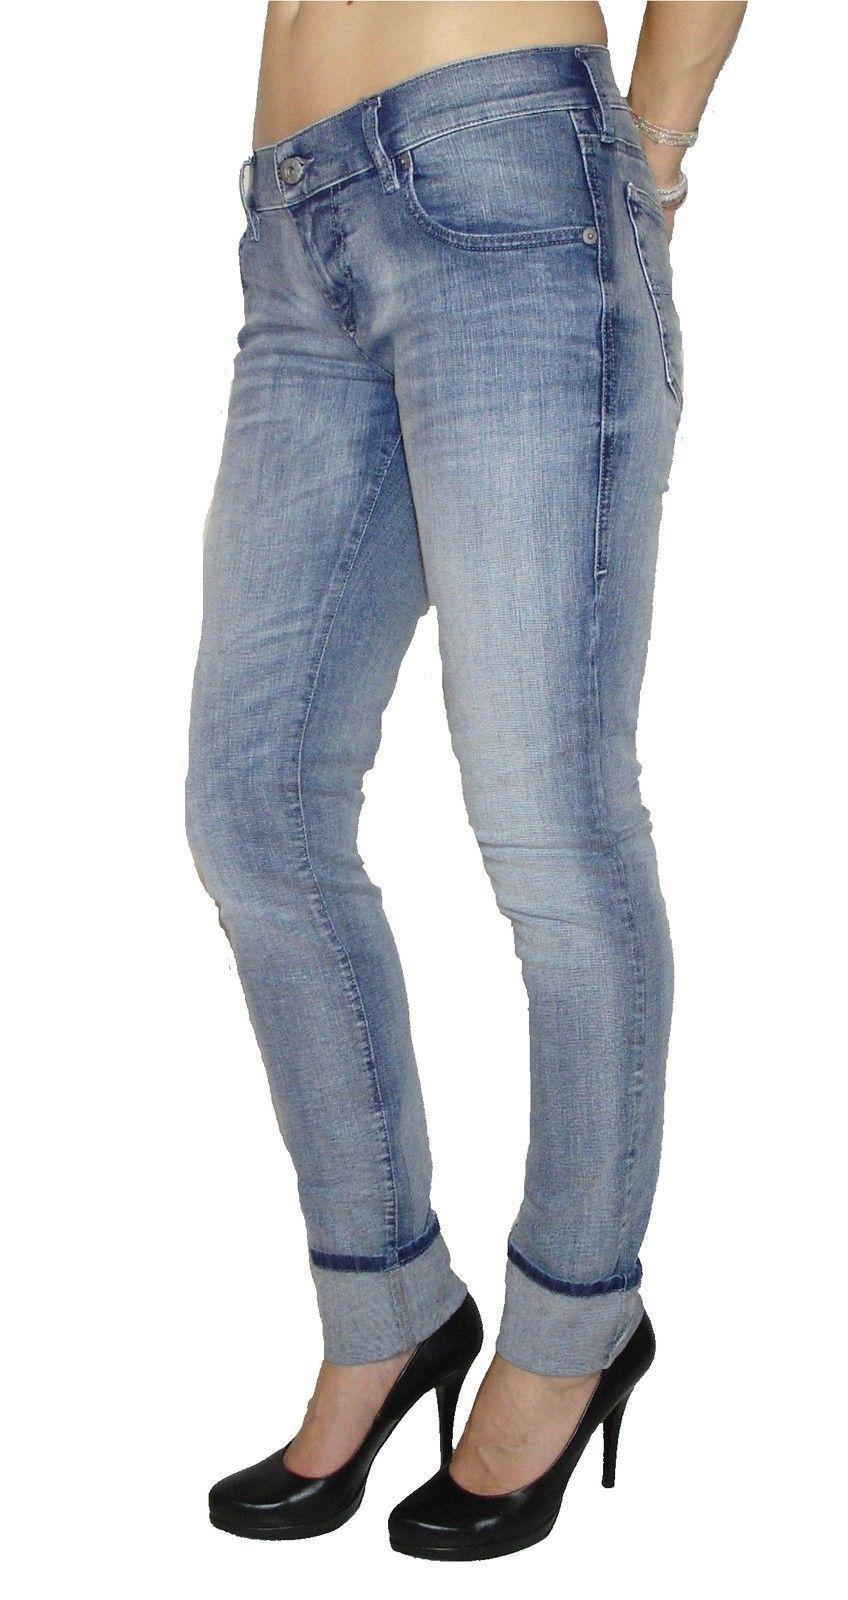 Diesel Damen Stretch Jeans GRUPEE 0667E Superslim Skinny blau NEU